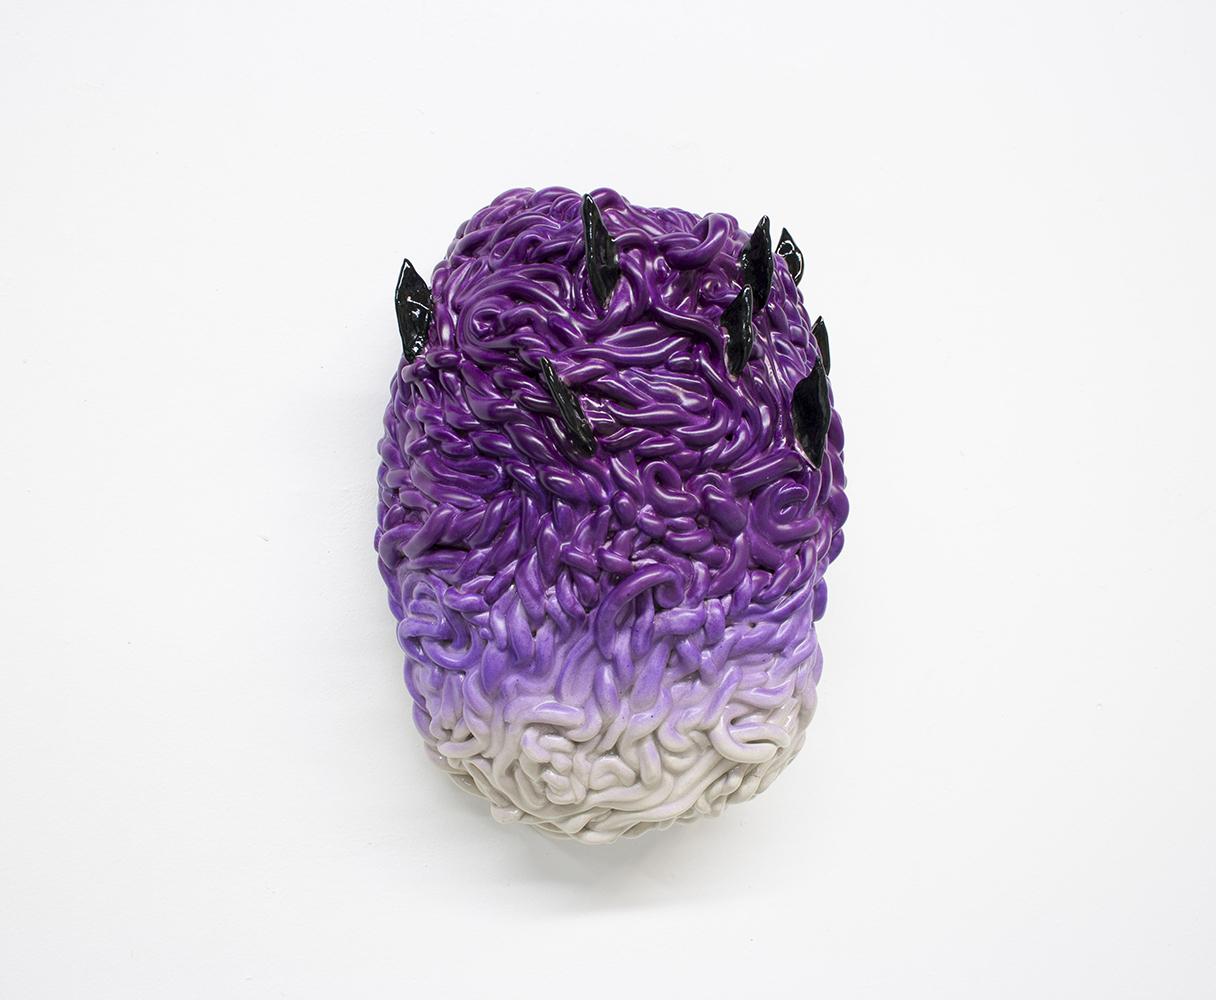 """Philippe Caron Lefebvre,  Le Maître mauve télékinétique , 2018, ceramic, glaze and spray paint, 11,5"""" x 8"""" x 6"""" (29 x 20 x 15.5 cm)."""